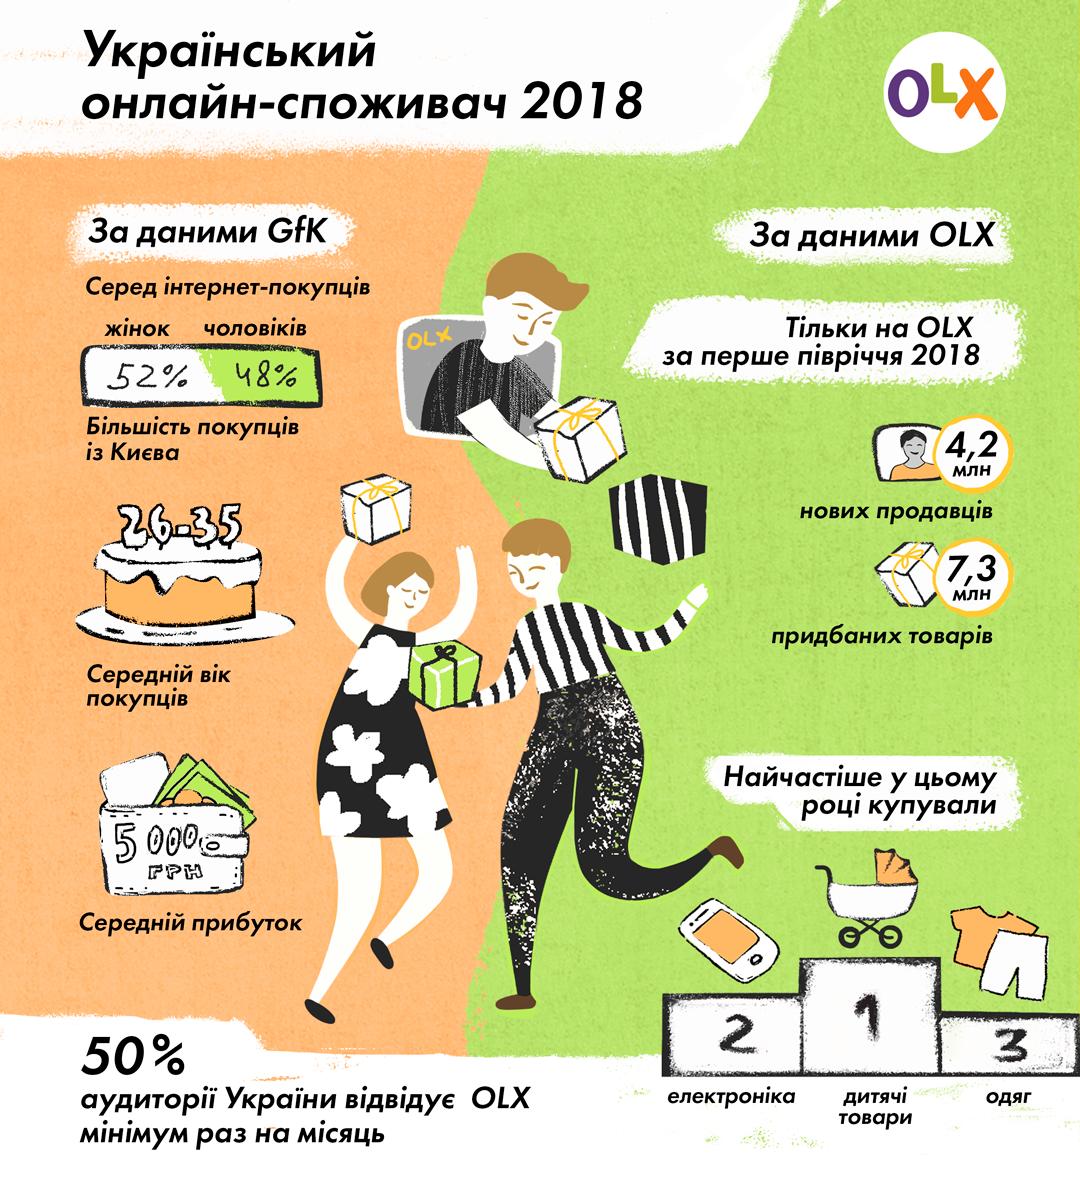 Ščo varto znaty pro ukraїnśkyj e-commerce u 2018-mu — dani OLX ta GfK